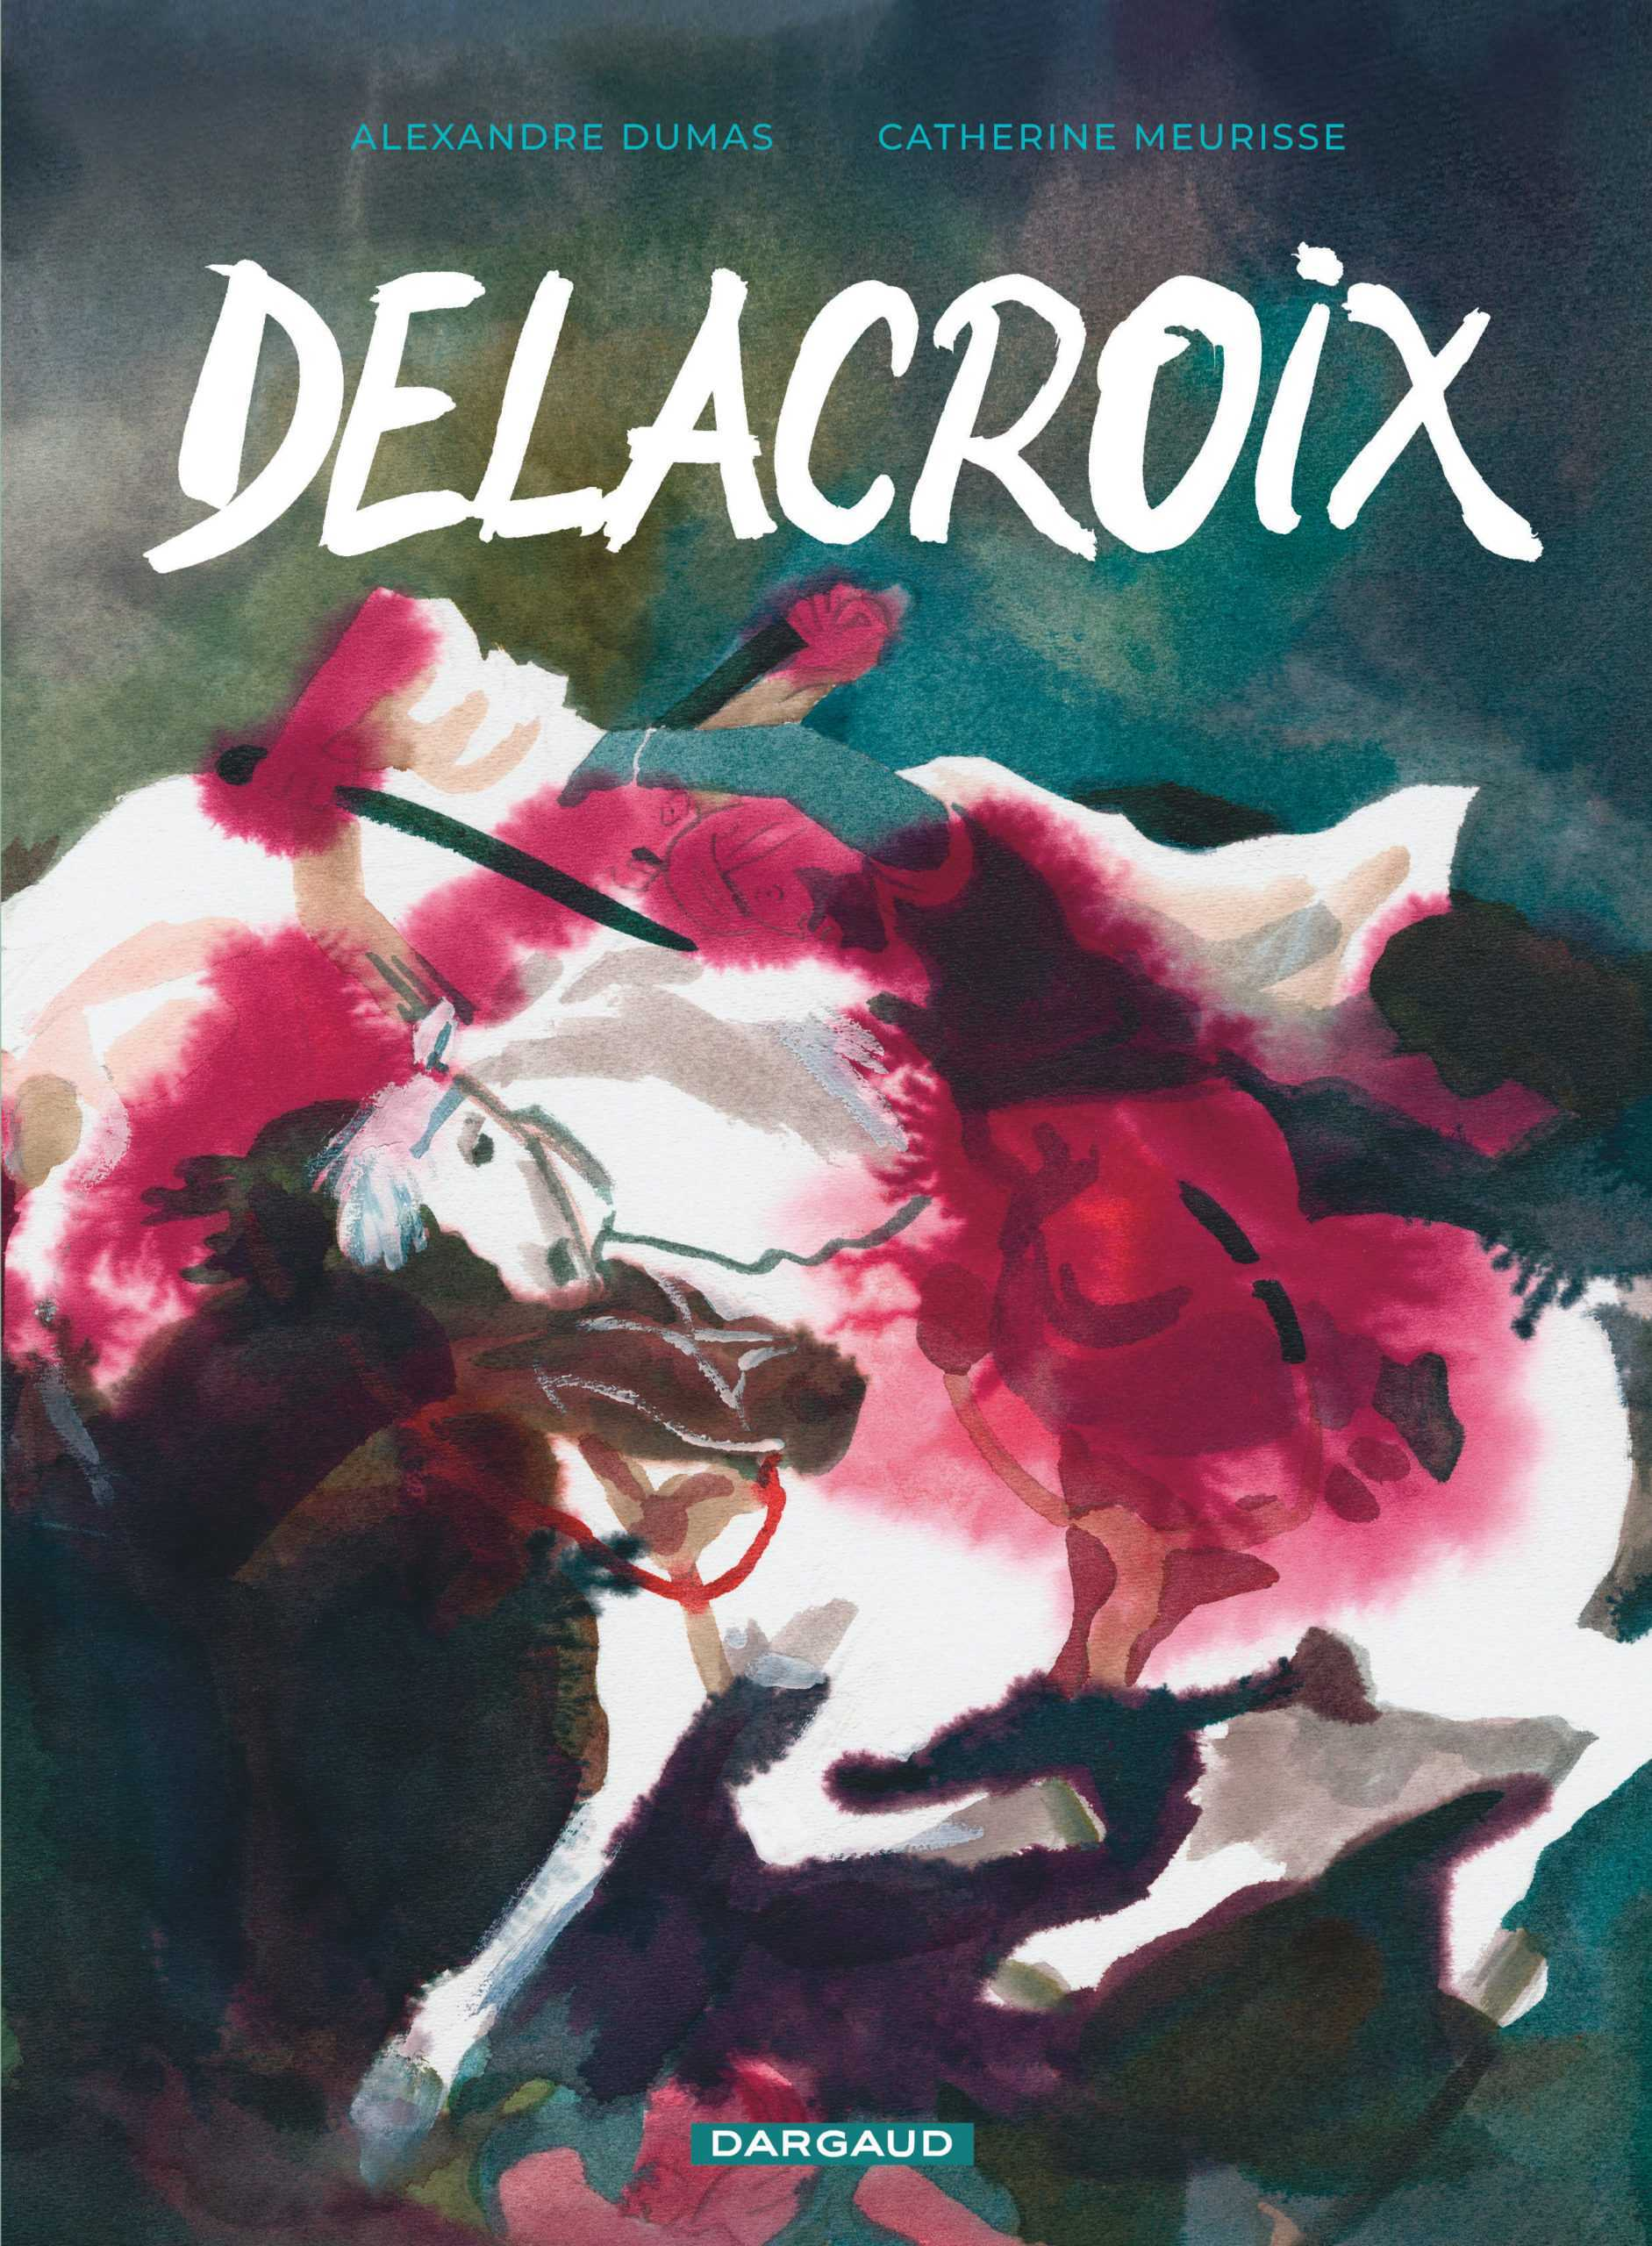 Delacroix, Catherine Meurisse s'expose à Paris et a fait cause commune avec Alexandre Dumas